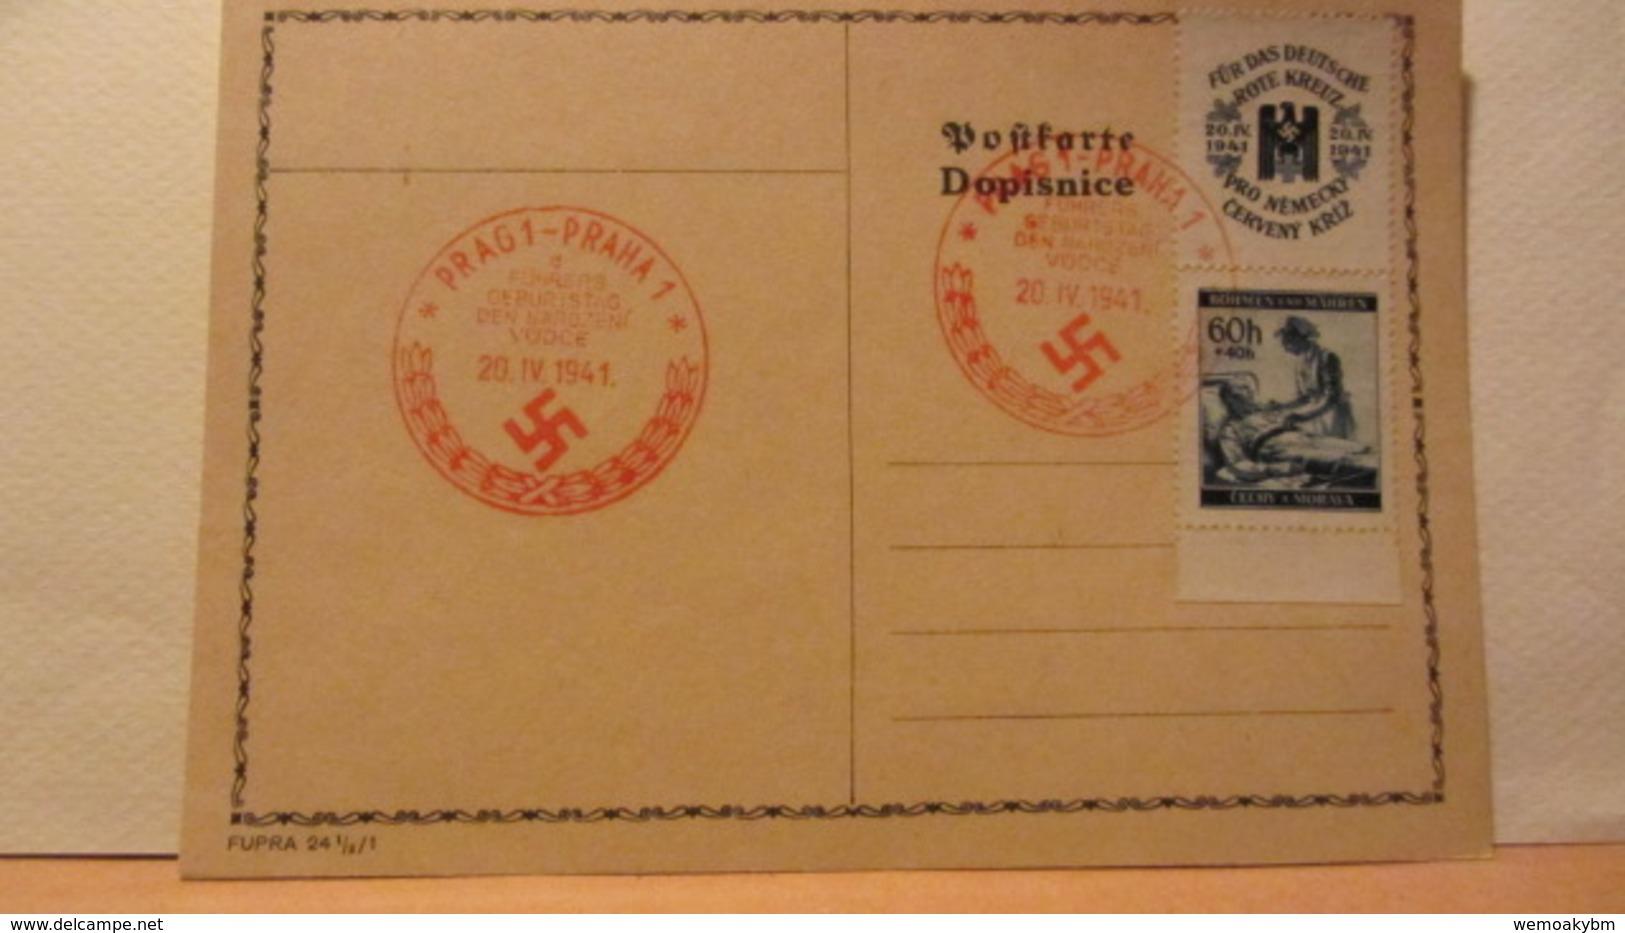 DR: Postkarte  Mit 60 H Böhmen Und Mähren Mit Rotem Geburtstagsstempel PRAG1-PRAHA1 Vom 20.4.41 Rotes Kreuz Zdr. - Deutschland